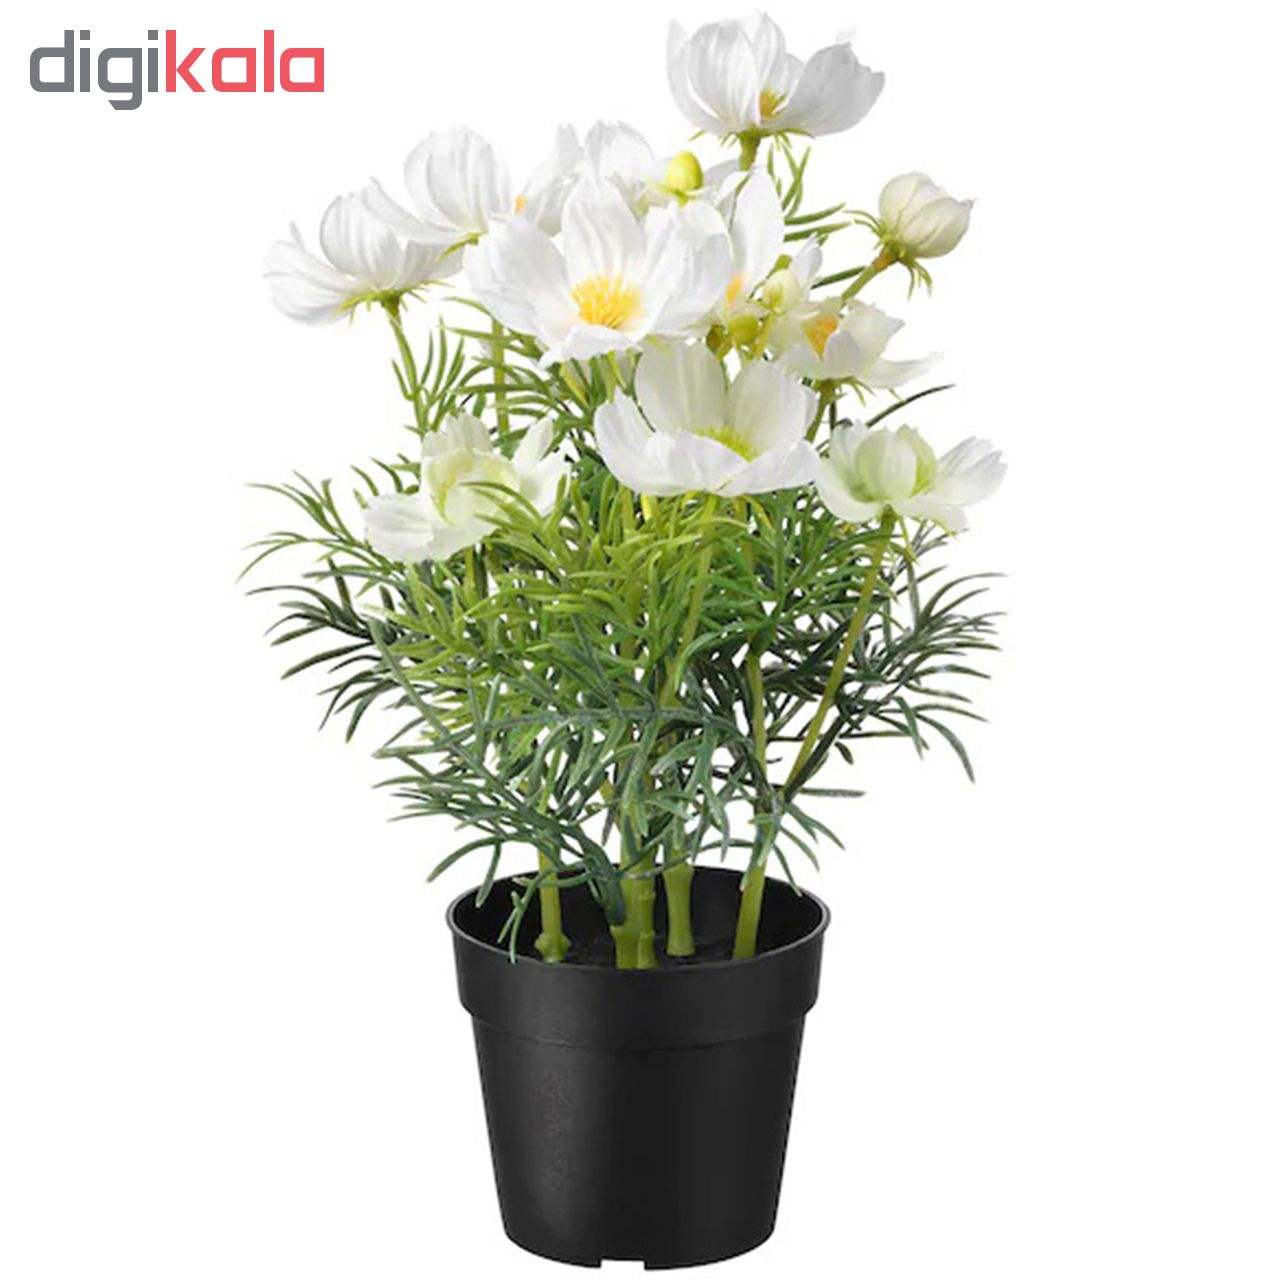 گلدان به همراه گل مصنوعی ایکیا مدل Fejka 20419558 main 1 1